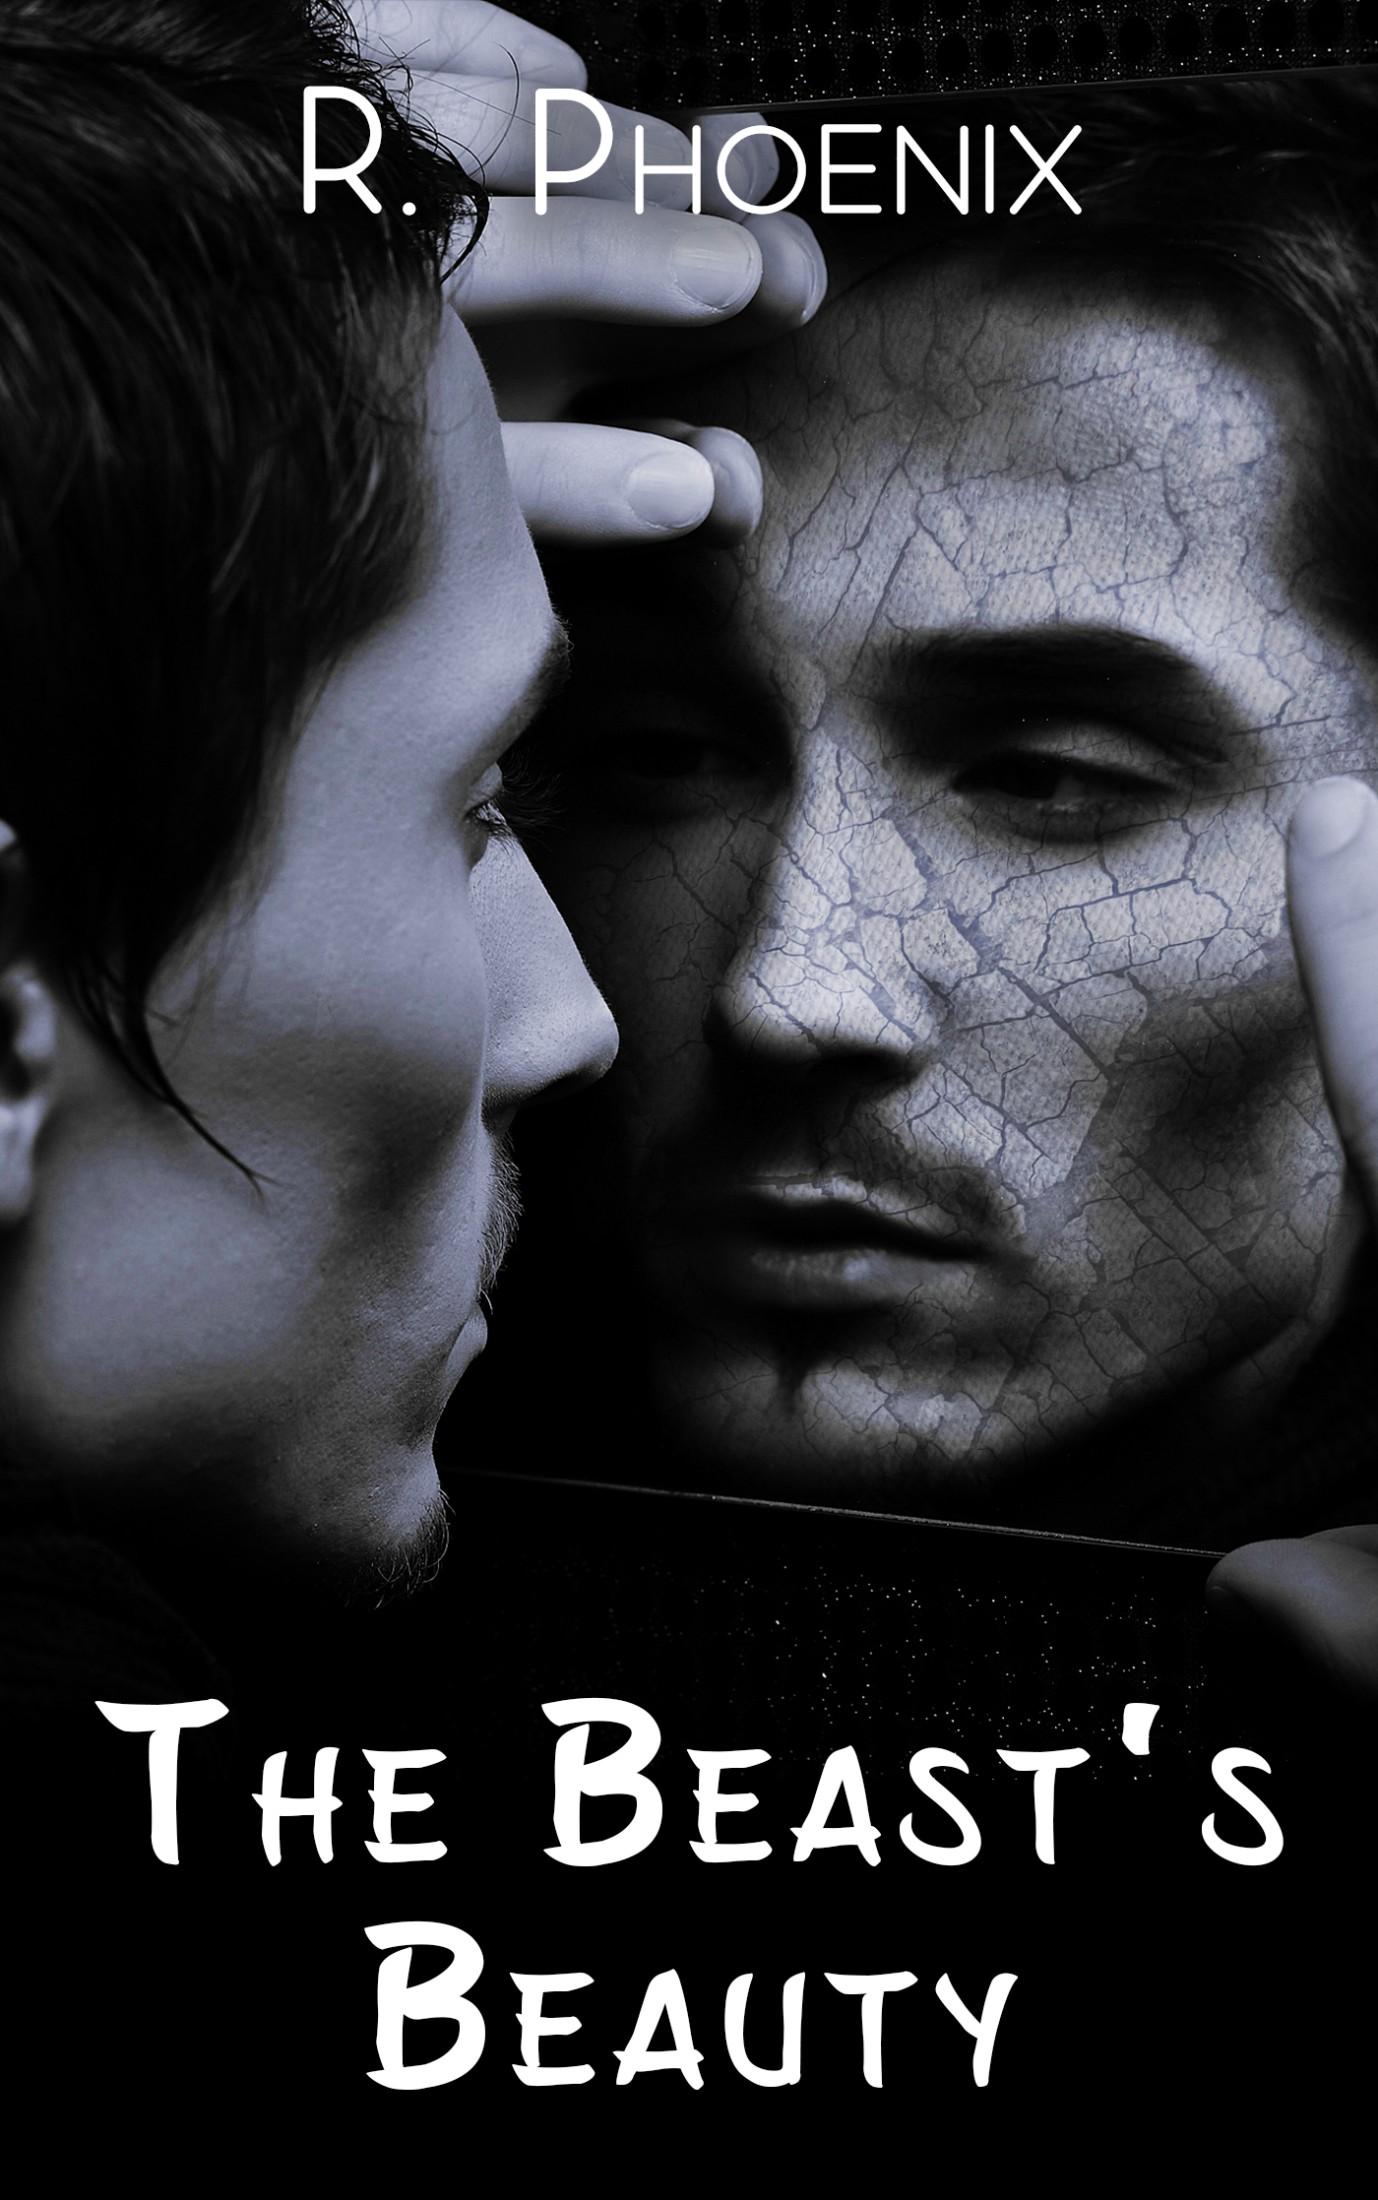 Beast's Beauty, The - R. Phoenix